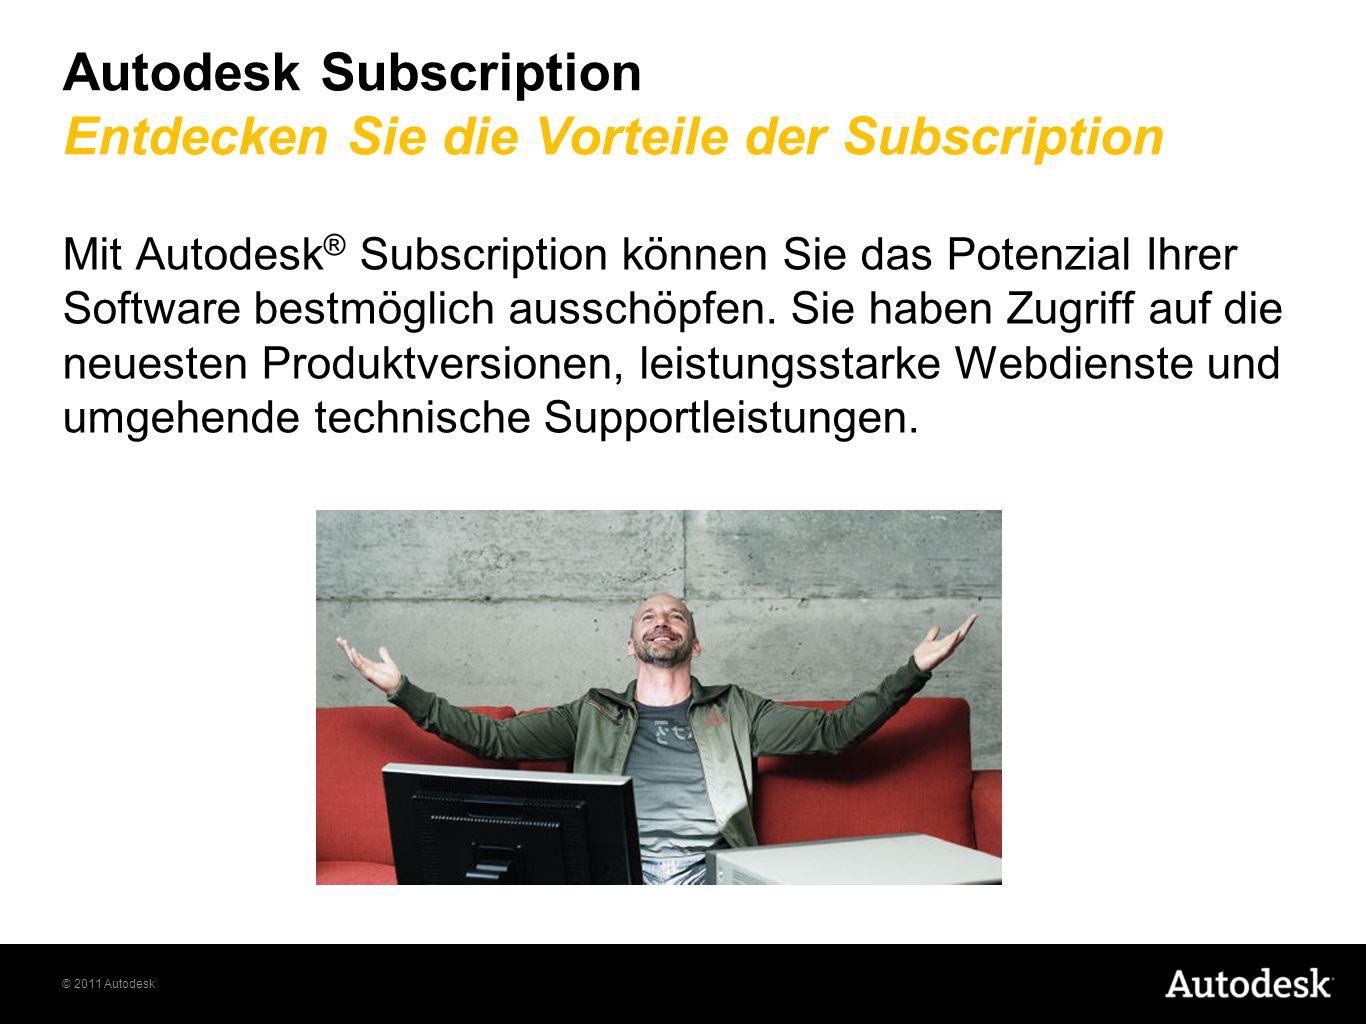 © 2011 Autodesk Autodesk Subscription Entdecken Sie die Vorteile der Subscription Mit Autodesk ® Subscription können Sie das Potenzial Ihrer Software bestmöglich ausschöpfen.